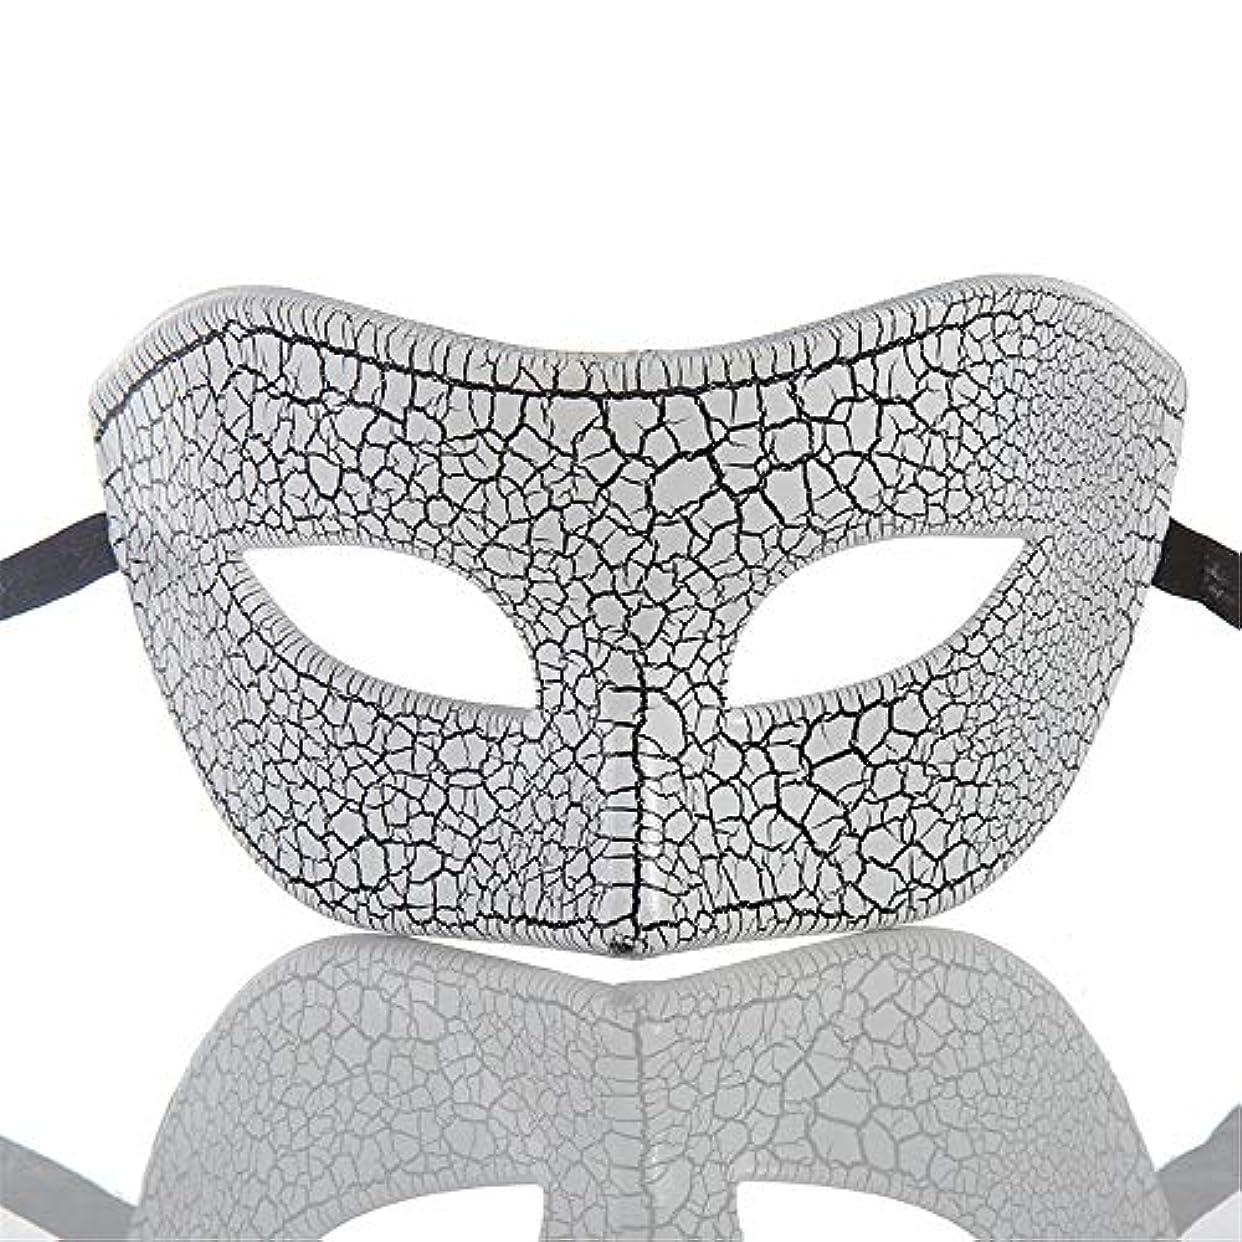 醸造所神知り合いになるダンスマスク ハーフマスク新しいハロウィーンマスク仮装レトロコスプレメイクナイトクラブマスク雰囲気クリスマスお祝いプラスチックマスク ホリデーパーティー用品 (色 : 白, サイズ : 16.5x8cm)